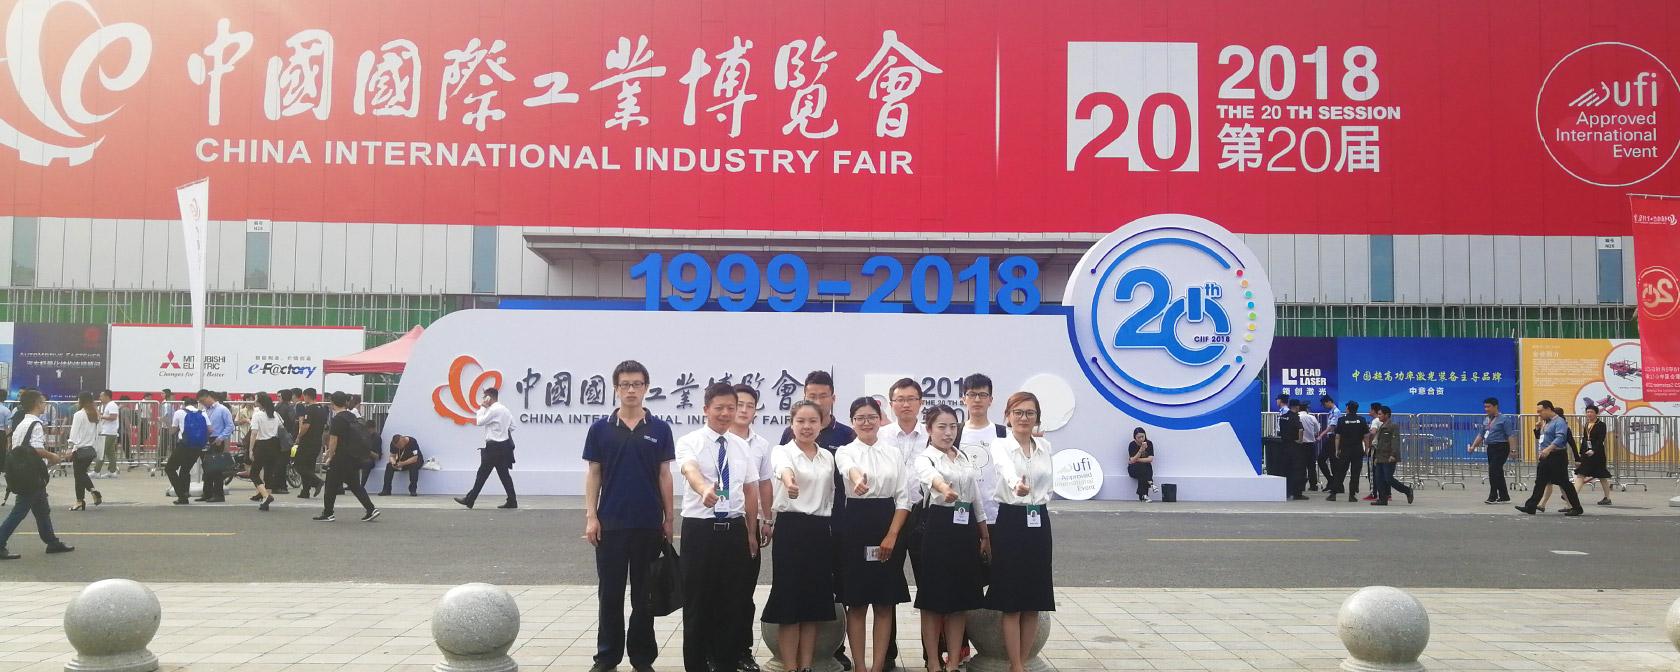 Trang web Hội chợ Công nghiệp Thượng Hải 2018